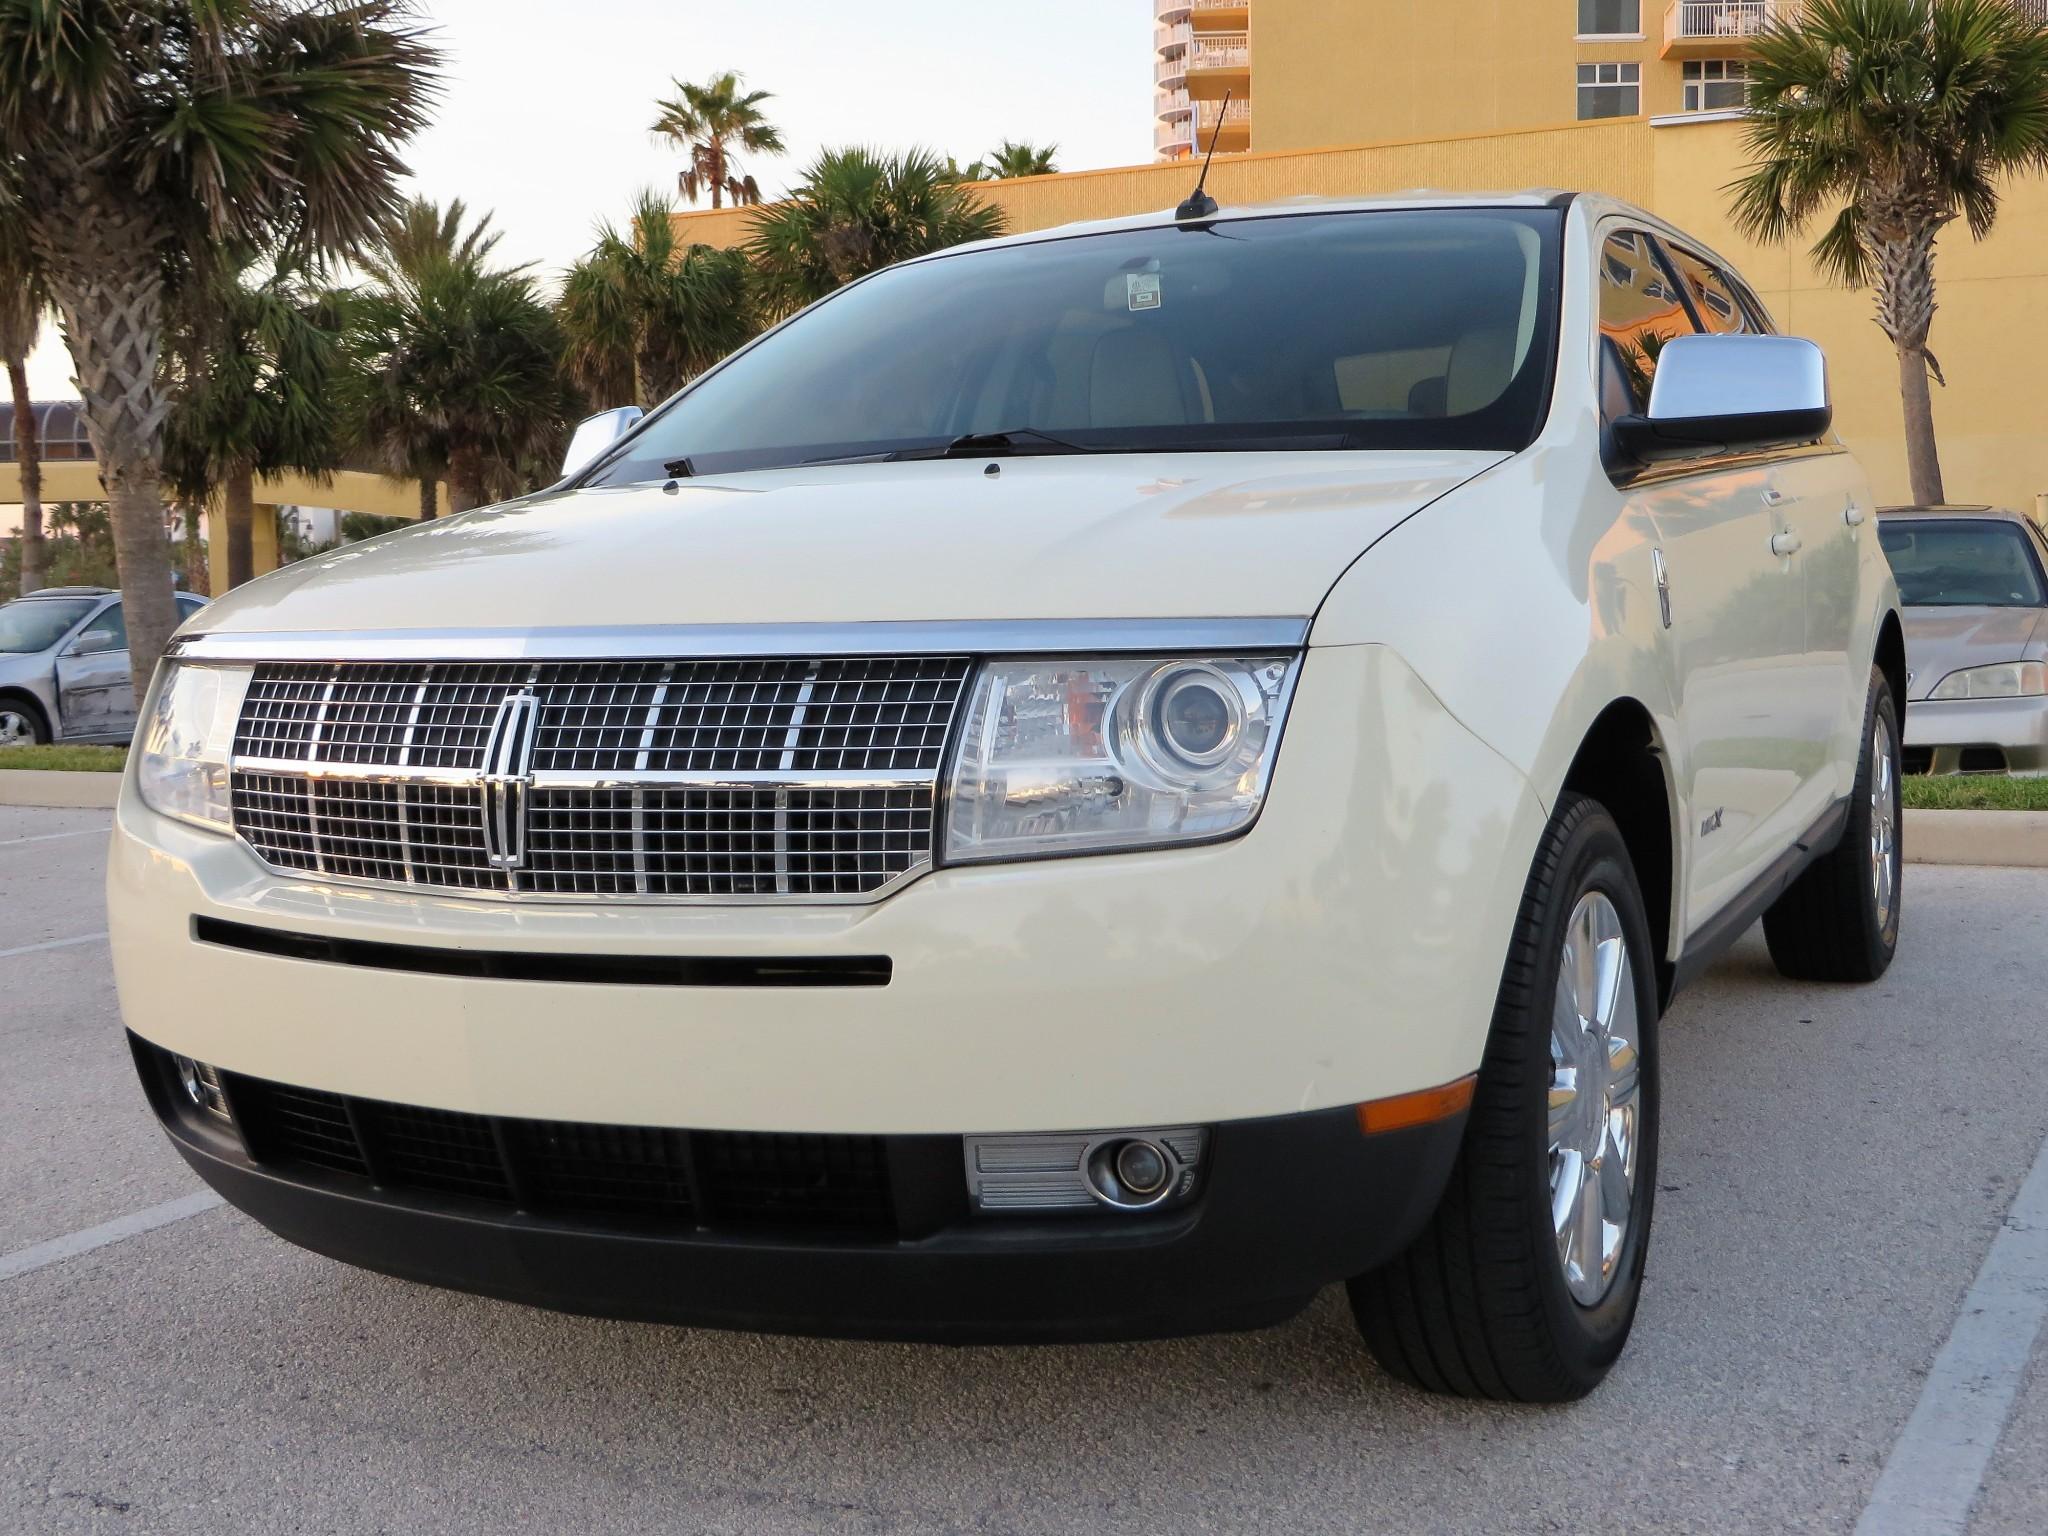 2008 LINCOLN MKX Pearl White - Auto Concepts